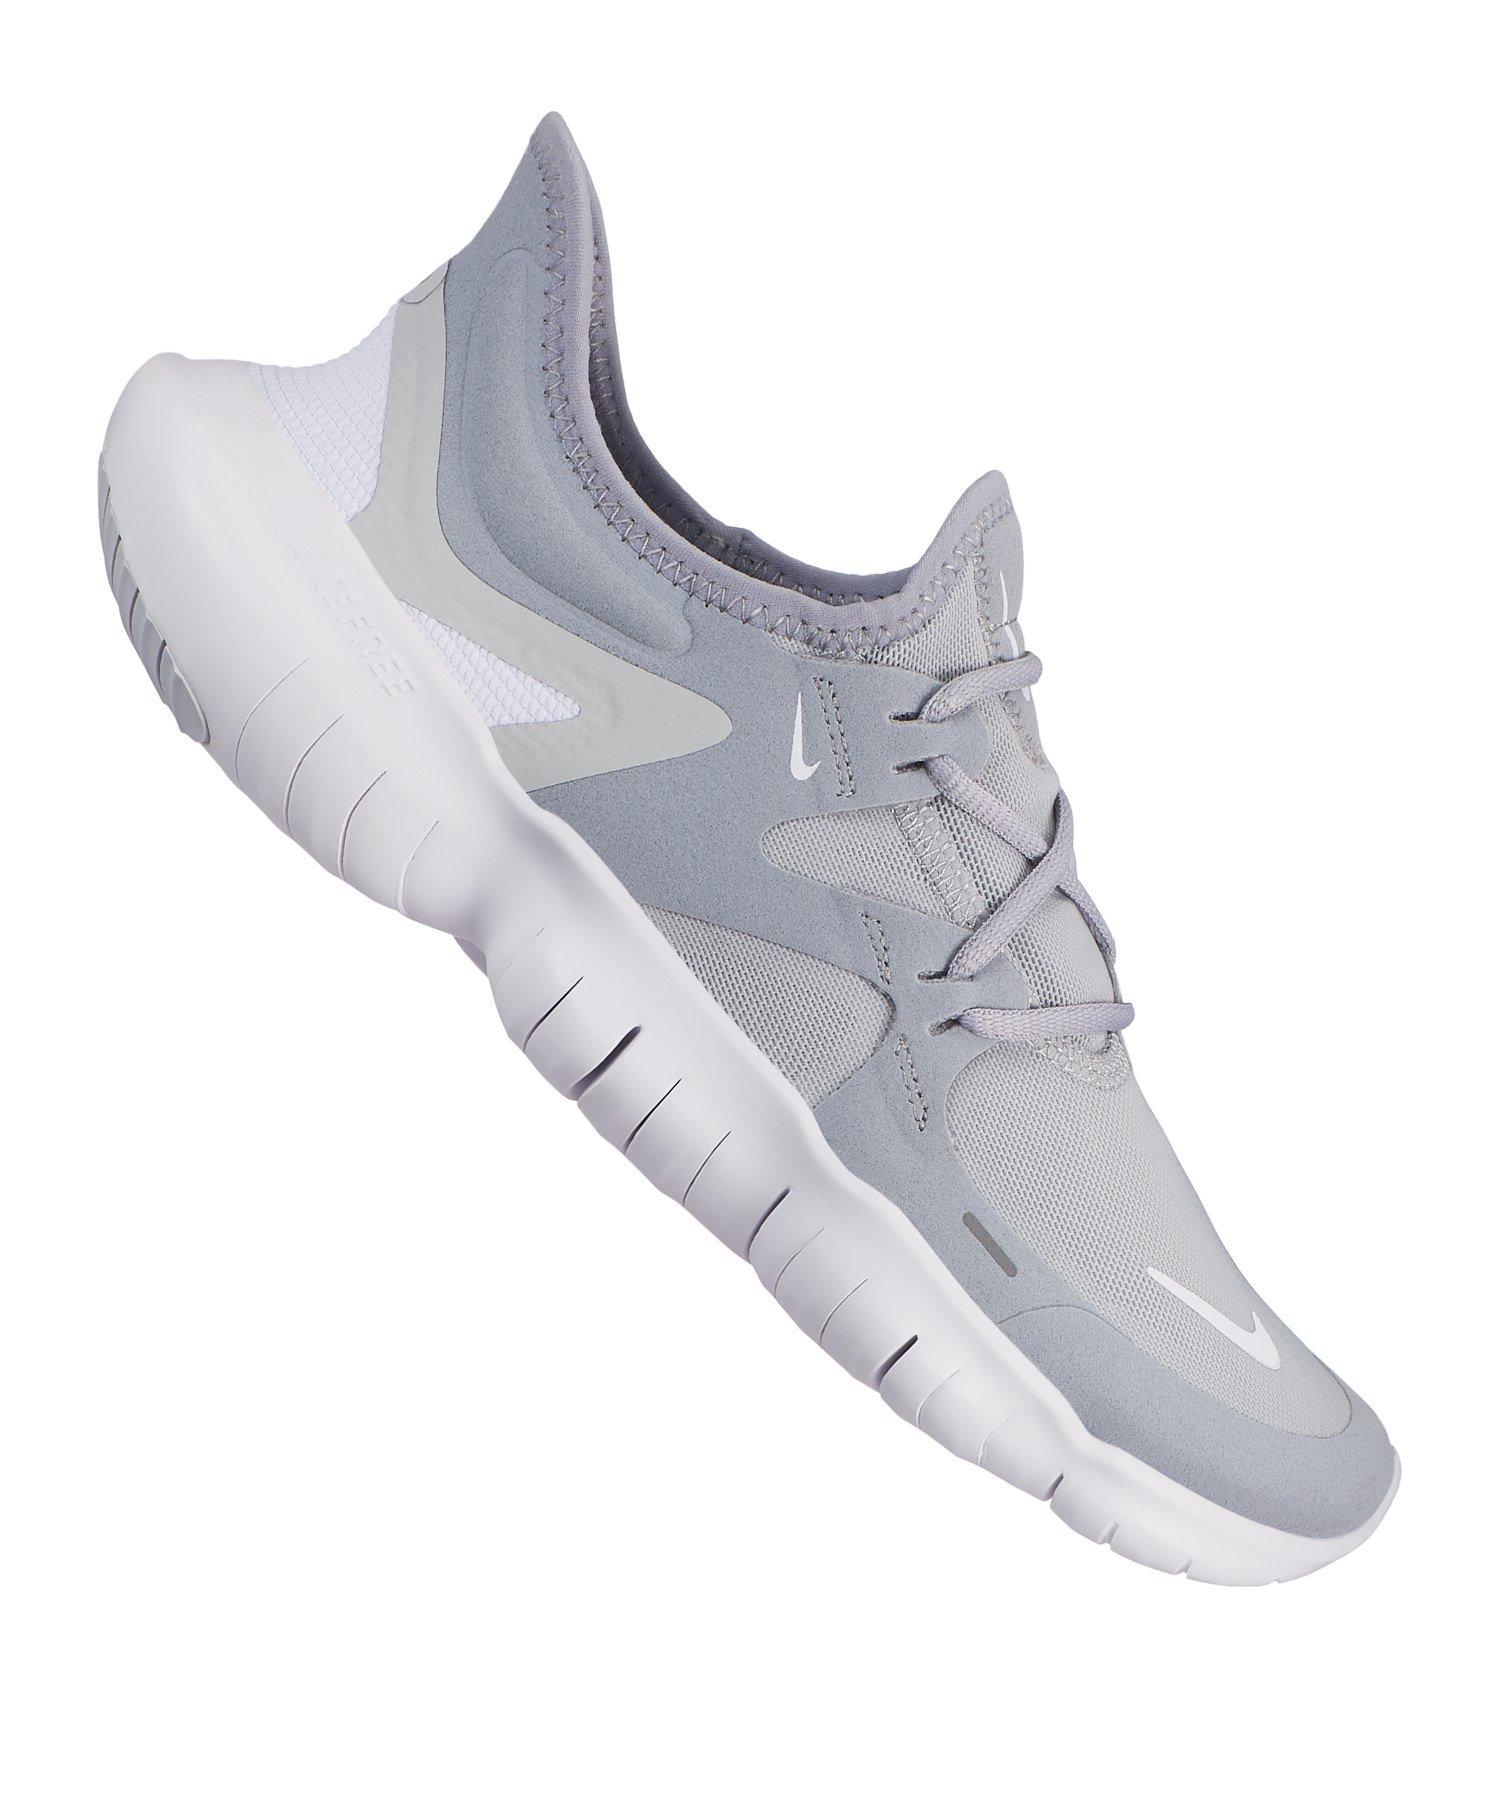 Nike Free Damen Ratenzahlung